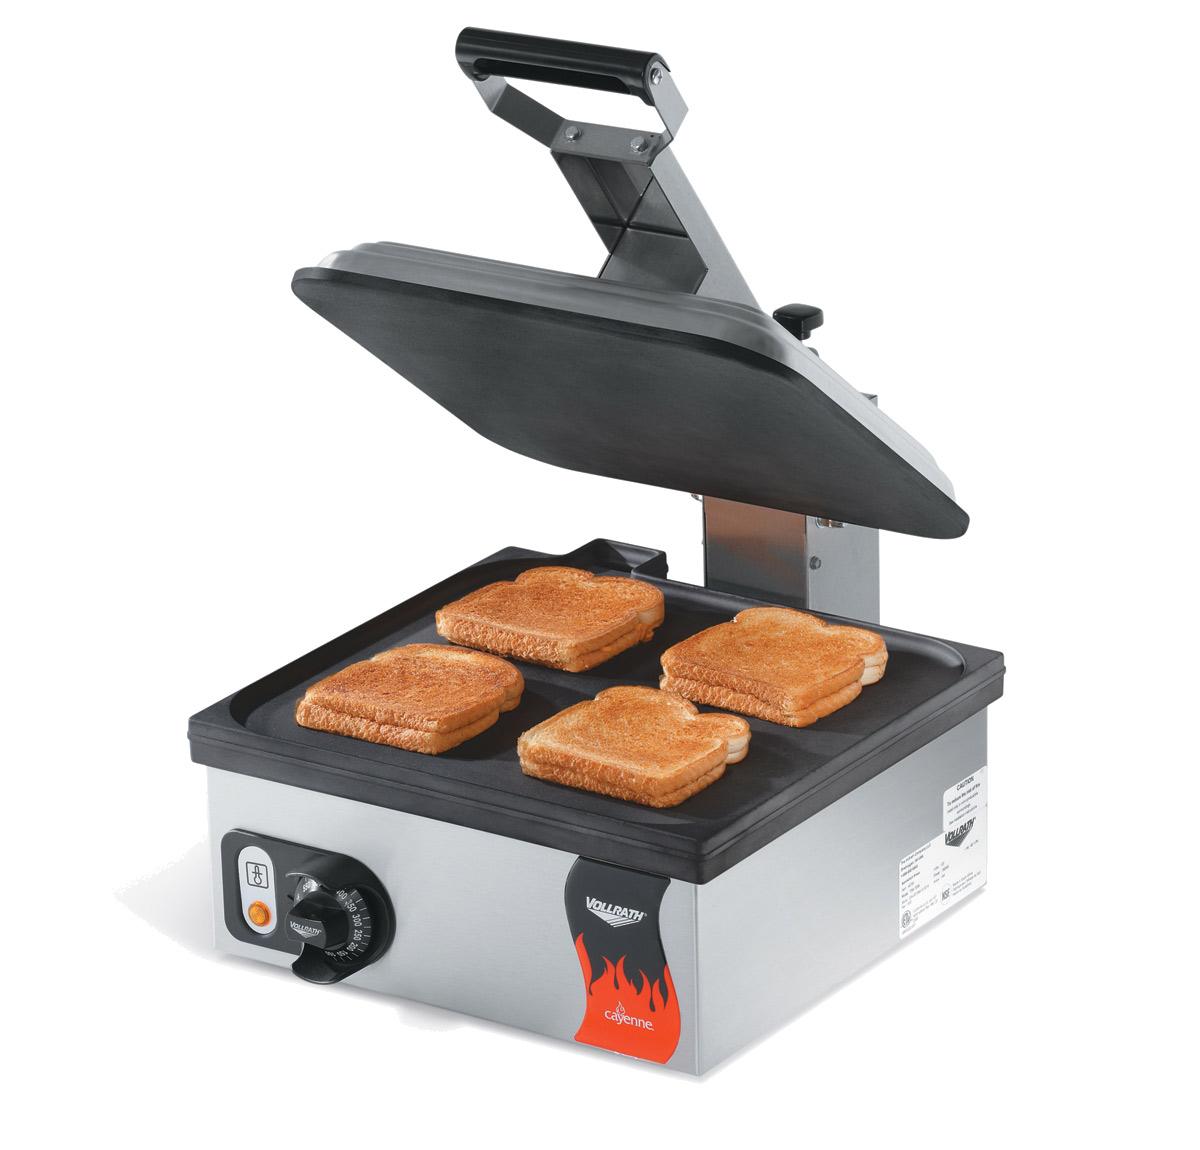 4975-64 Vollrath 40792 sandwich / panini grill